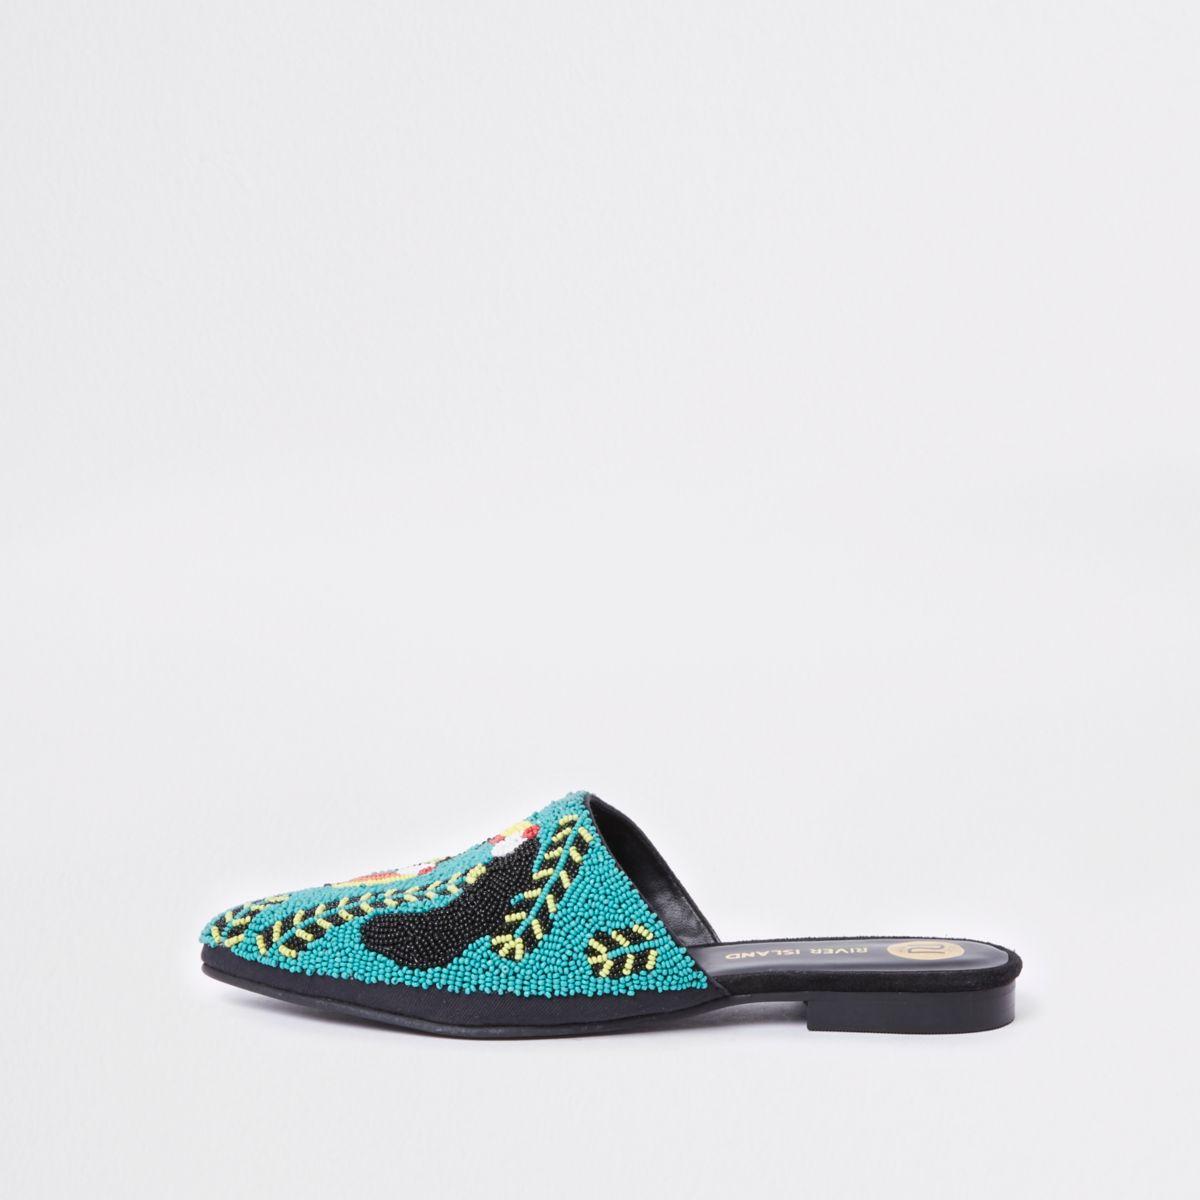 Blauwe loafers zonder achterkant met toekanprint en kraaltjes